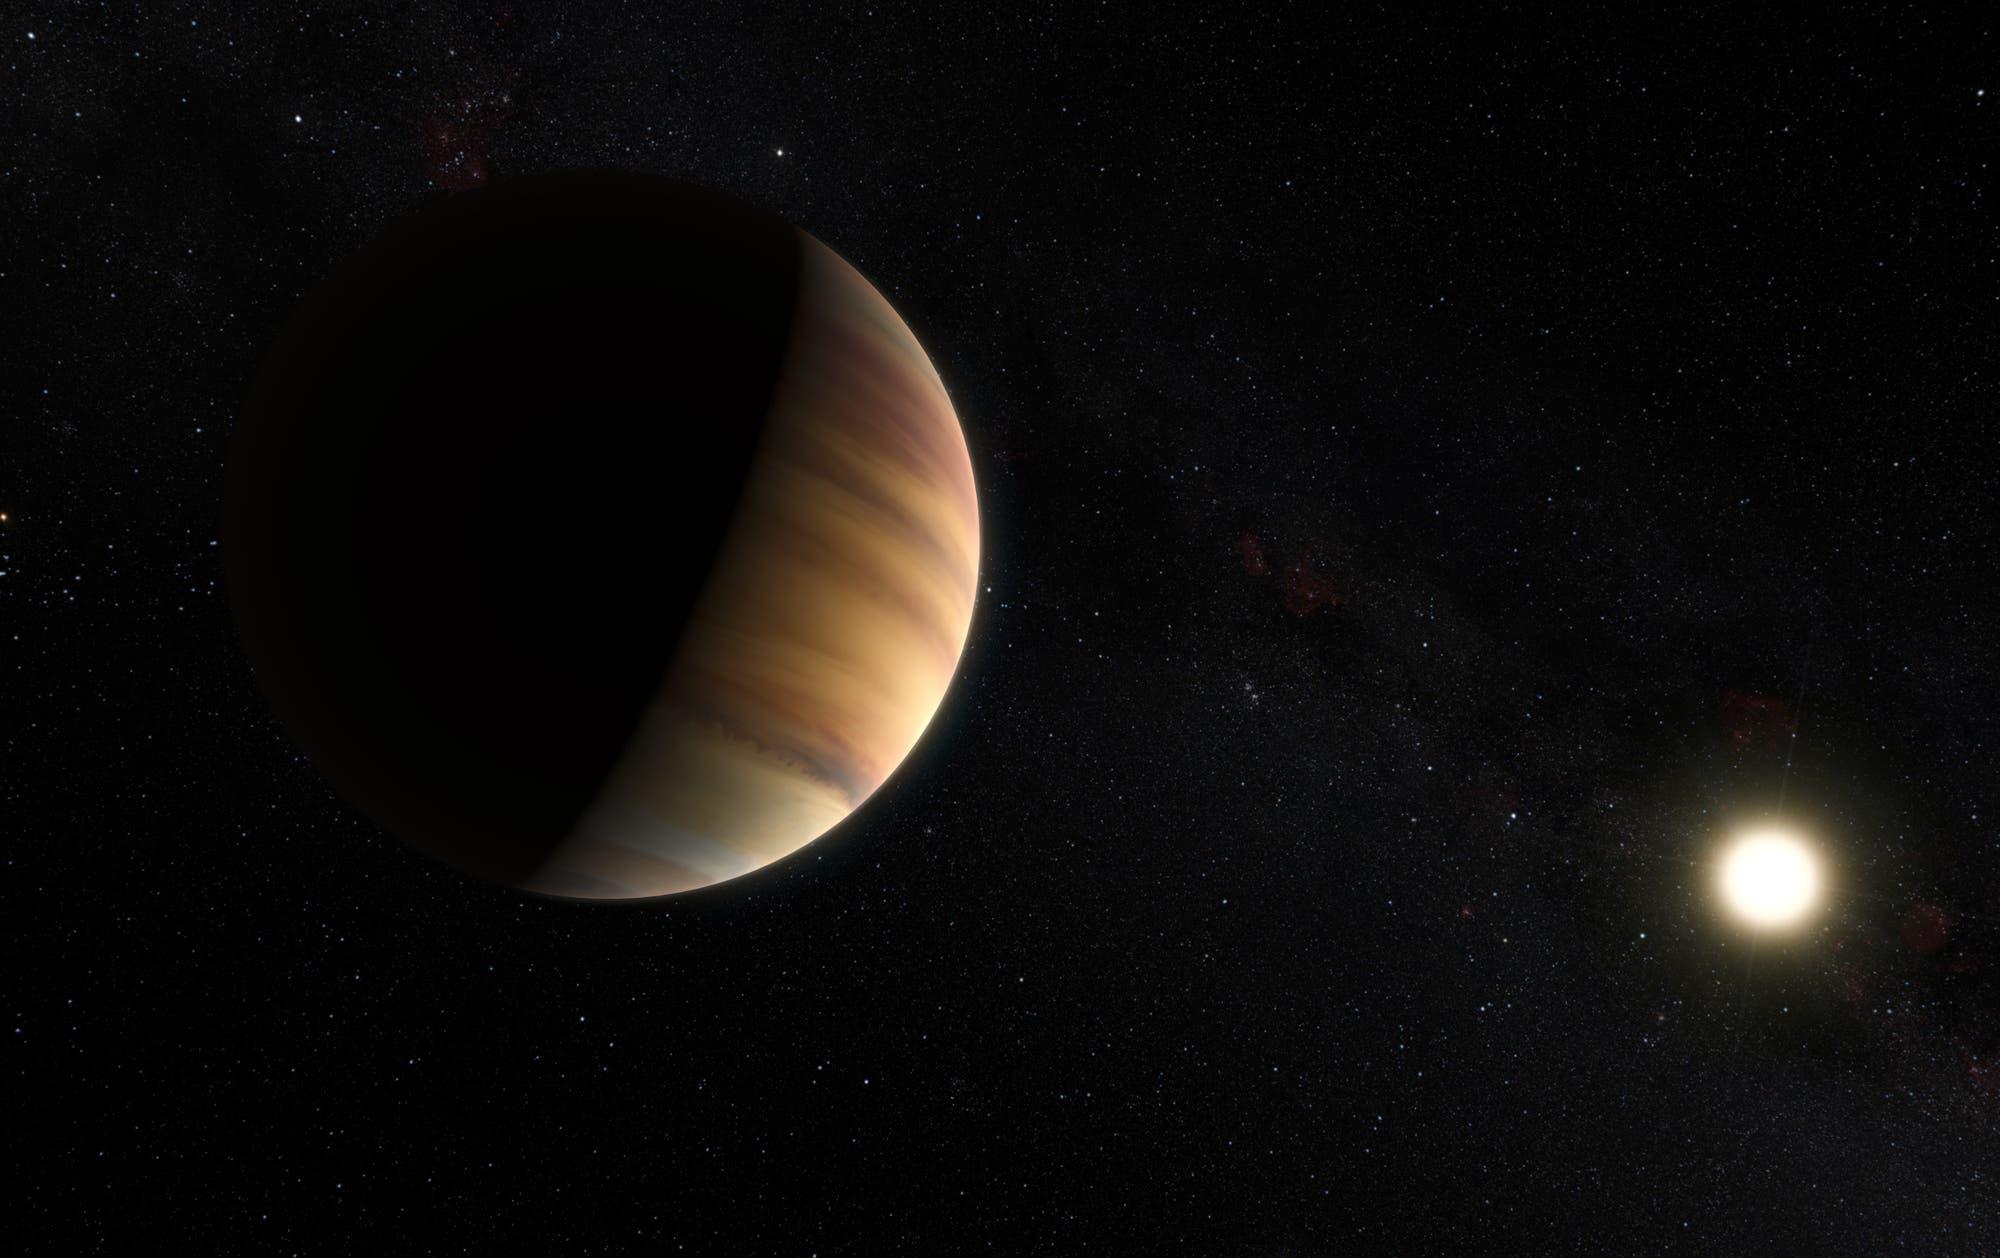 51 Pegasi b, der erste jemals entdeckte Exoplanet  (künstlerische Darstellung)